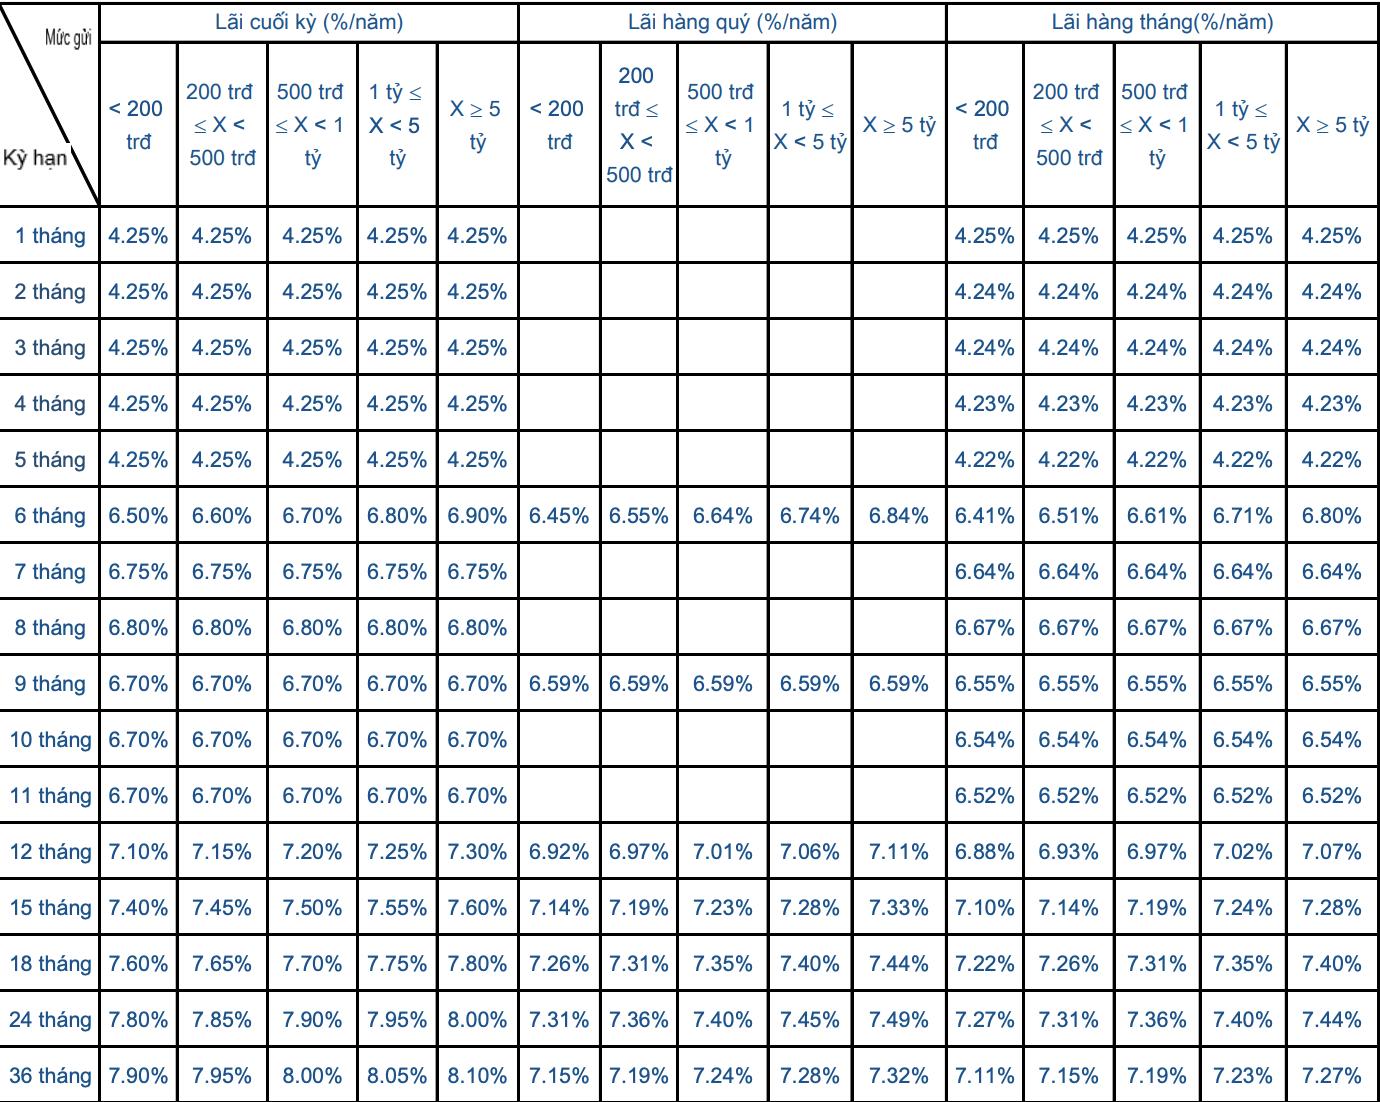 Lãi suất ngân hàng Sacombank tháng 6/2020 mới nhất - Ảnh 2.